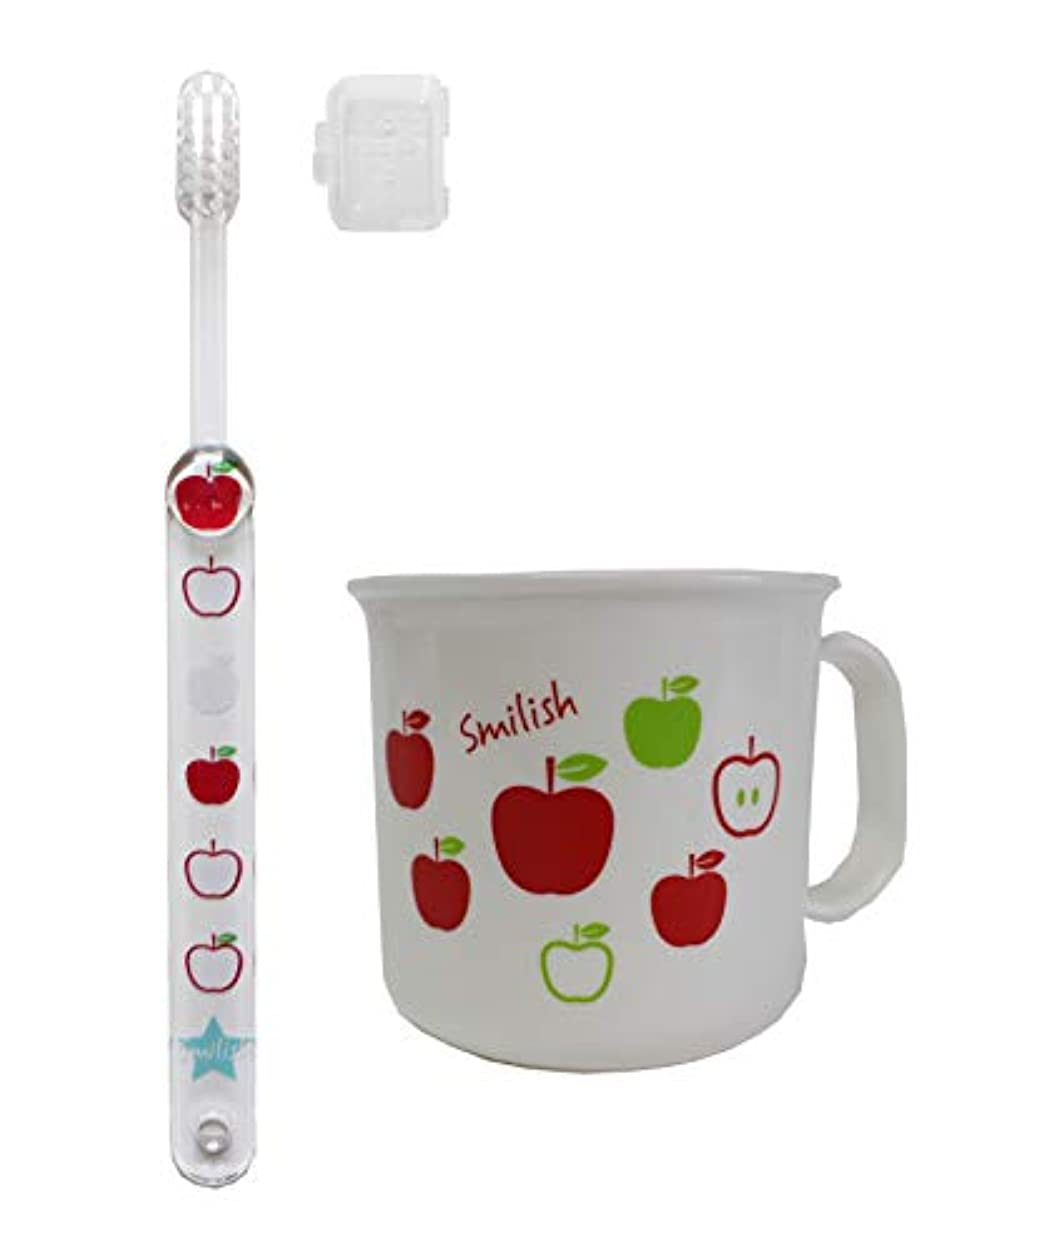 ストロークアイザックバインド子ども歯ブラシ(キャップ付き) 耐熱コップセット アップル